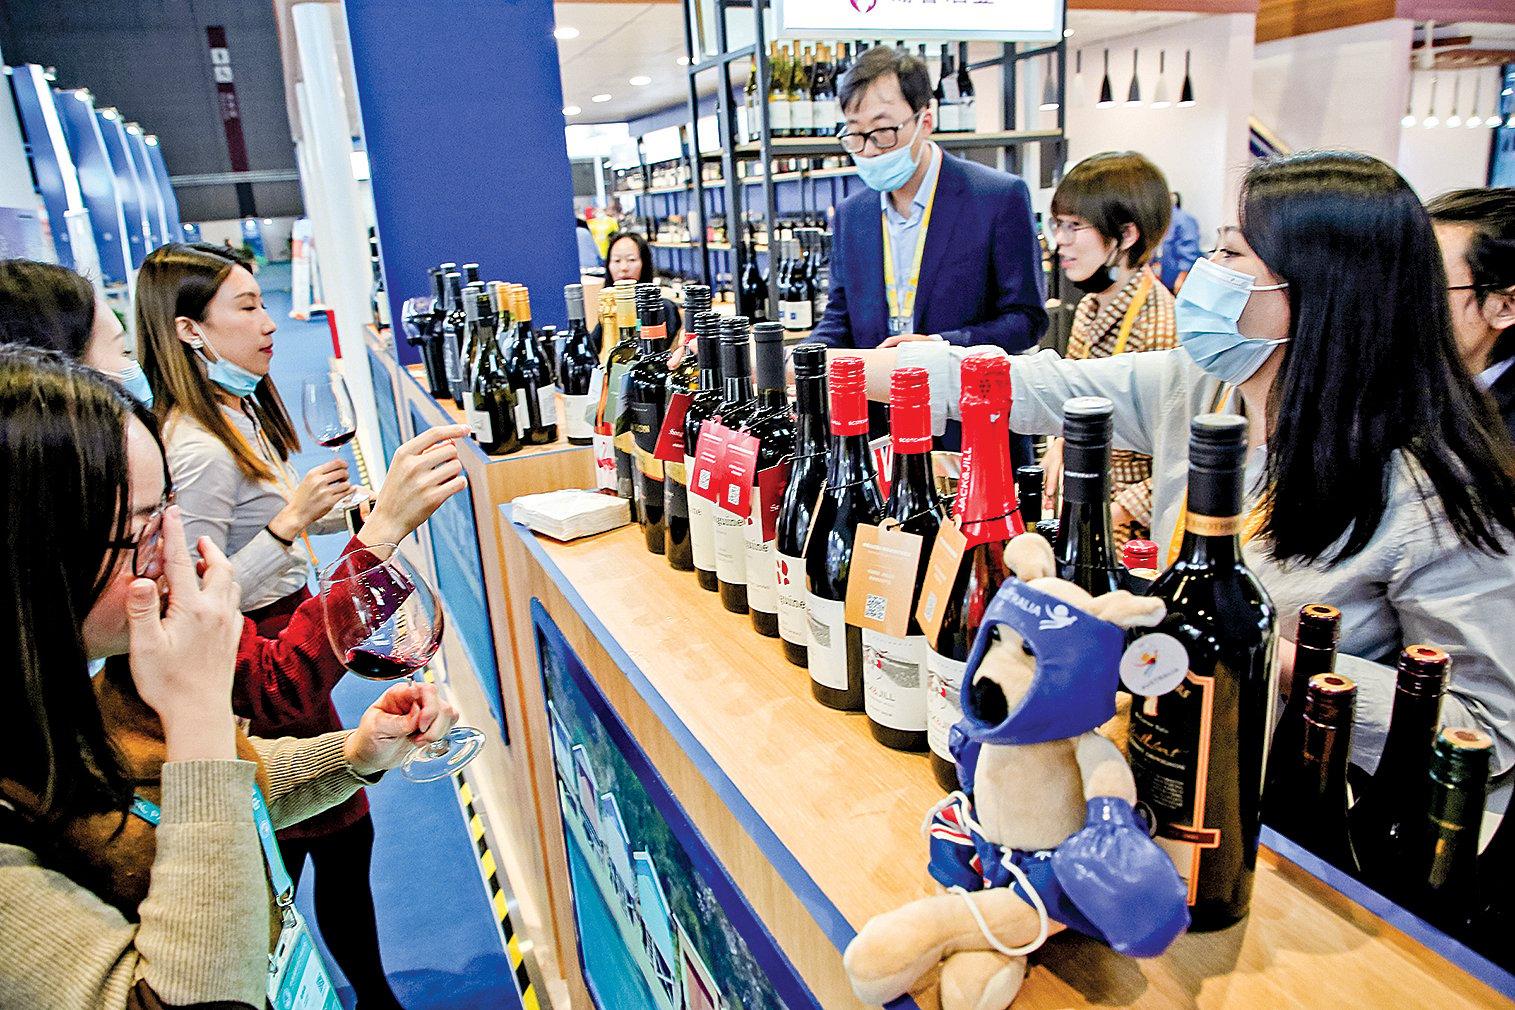 近日,中共商務部宣佈,對澳洲葡萄酒最高加徵212%的反傾銷稅。圖為11月在上海舉行的國際進口博覽會上,人們在品嚐來自澳洲的紅酒。(Getty Images)